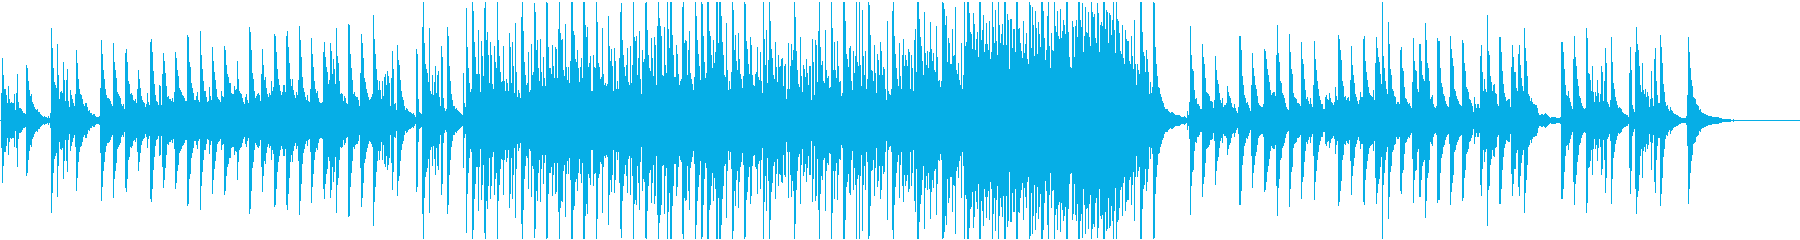 ピアノとアコギが爽やかなゆったりとした曲の再生済みの波形